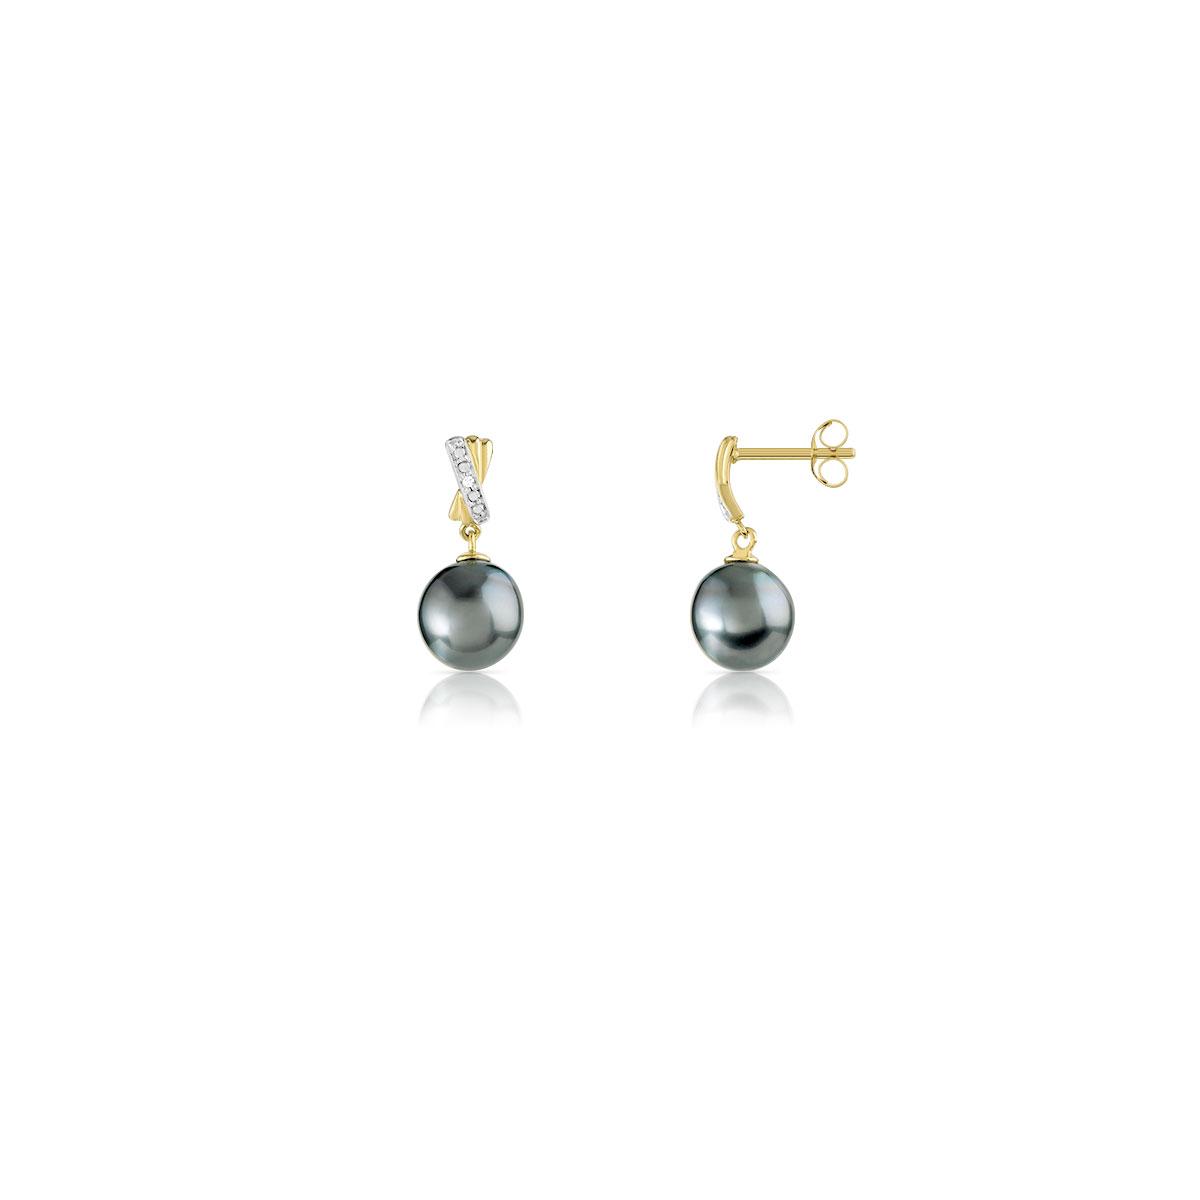 fournir un grand choix de nouveau sélection super mignon Boucles d'oreilles or 750 2 tons perles de tahiti diamant